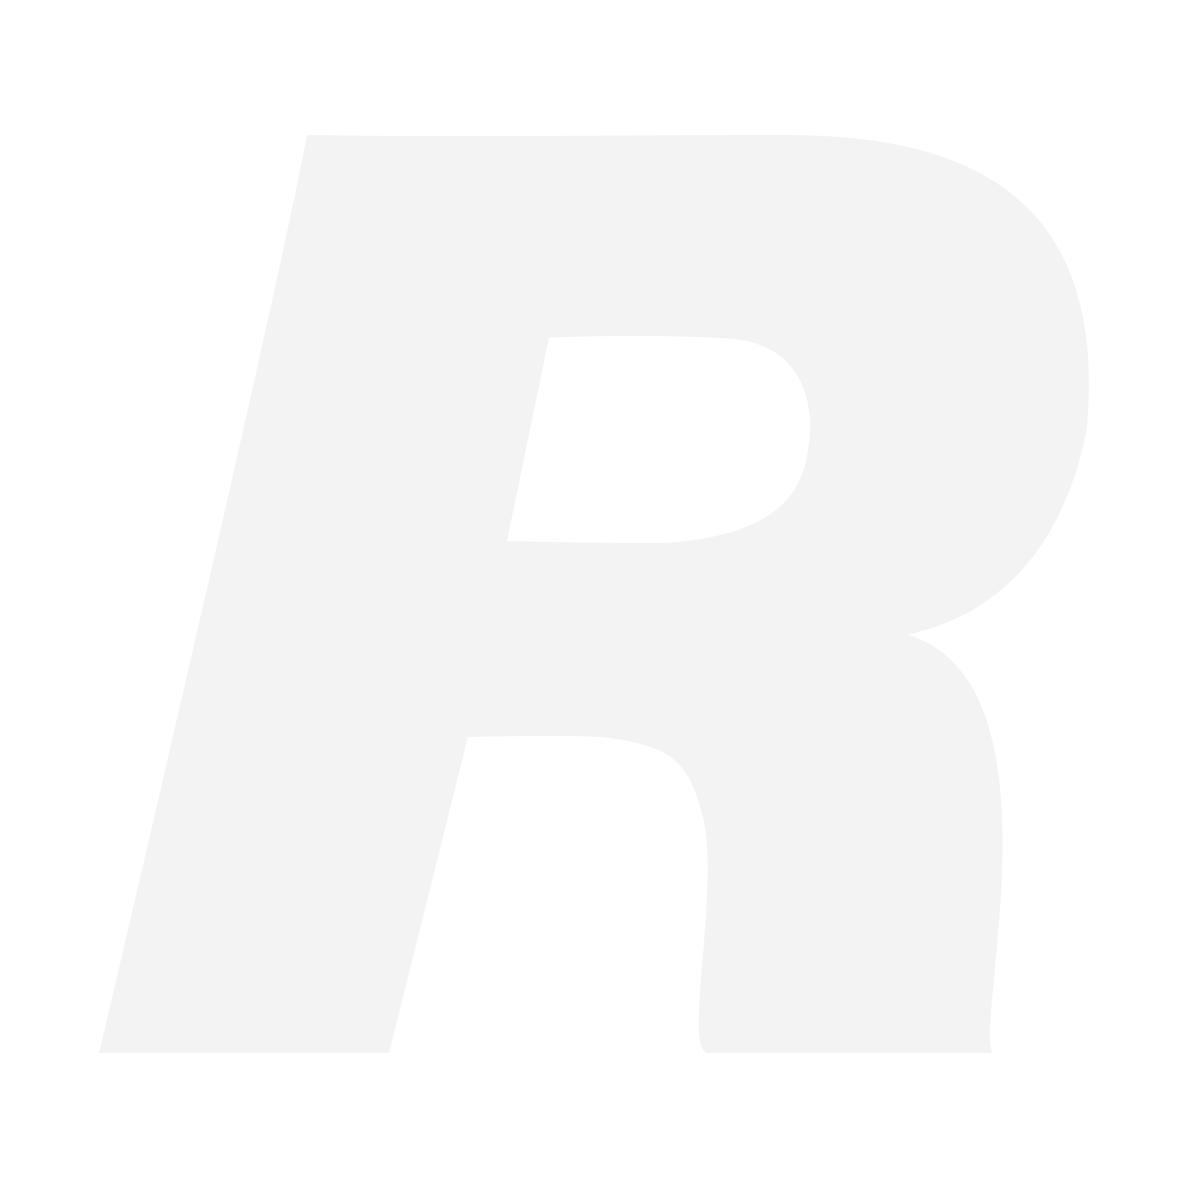 Lastolite LR815 Skylite Rapid Frame Midi 1.5 x 1.5m